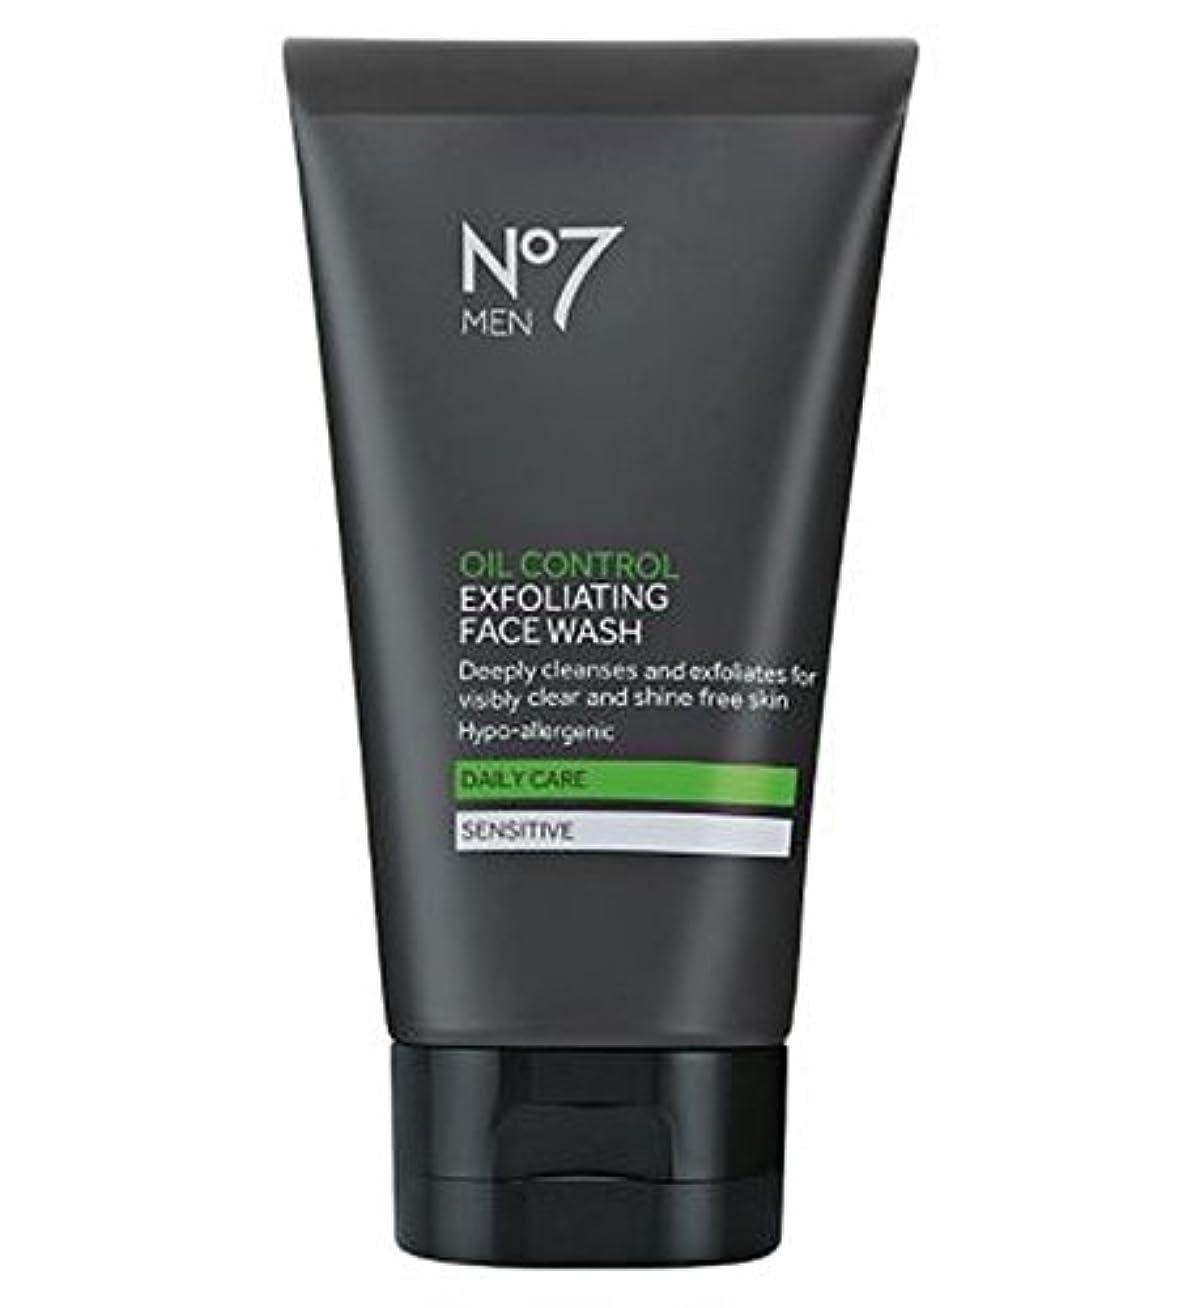 お風呂を持っている導体手配するNo7男性オイルコントロールフェイスウォッシュ150ミリリットル (No7) (x2) - No7 Men Oil Control Face Wash 150ml (Pack of 2) [並行輸入品]